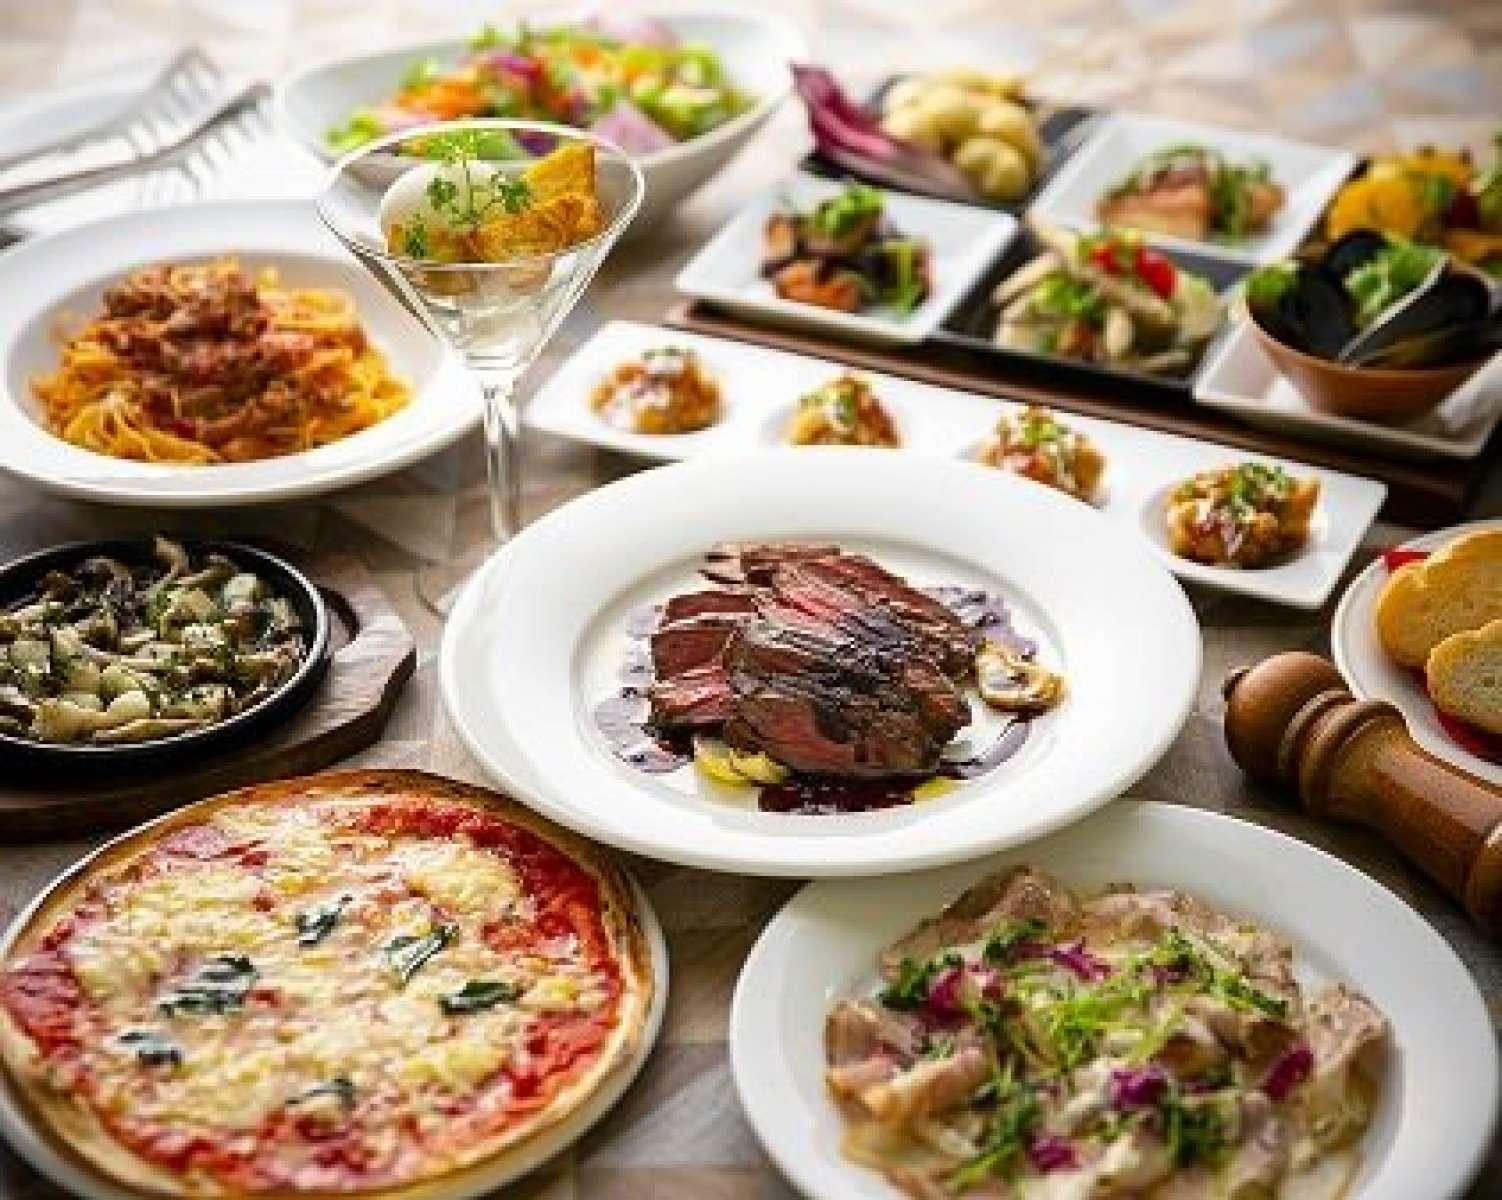 イタリアンを軸に色んなシーンに対応 ミシュラン2年連続掲載暦を持つイタリアンシェフが腕を振るいます! 毎日市場にて目利きをし、旬かつ良い状態のものだけを仕入れ。そのためディナーメニューは日替わりです。 毎日来て頂いても飽きることのない、当店自慢のイタリア料理をぜひお試しください